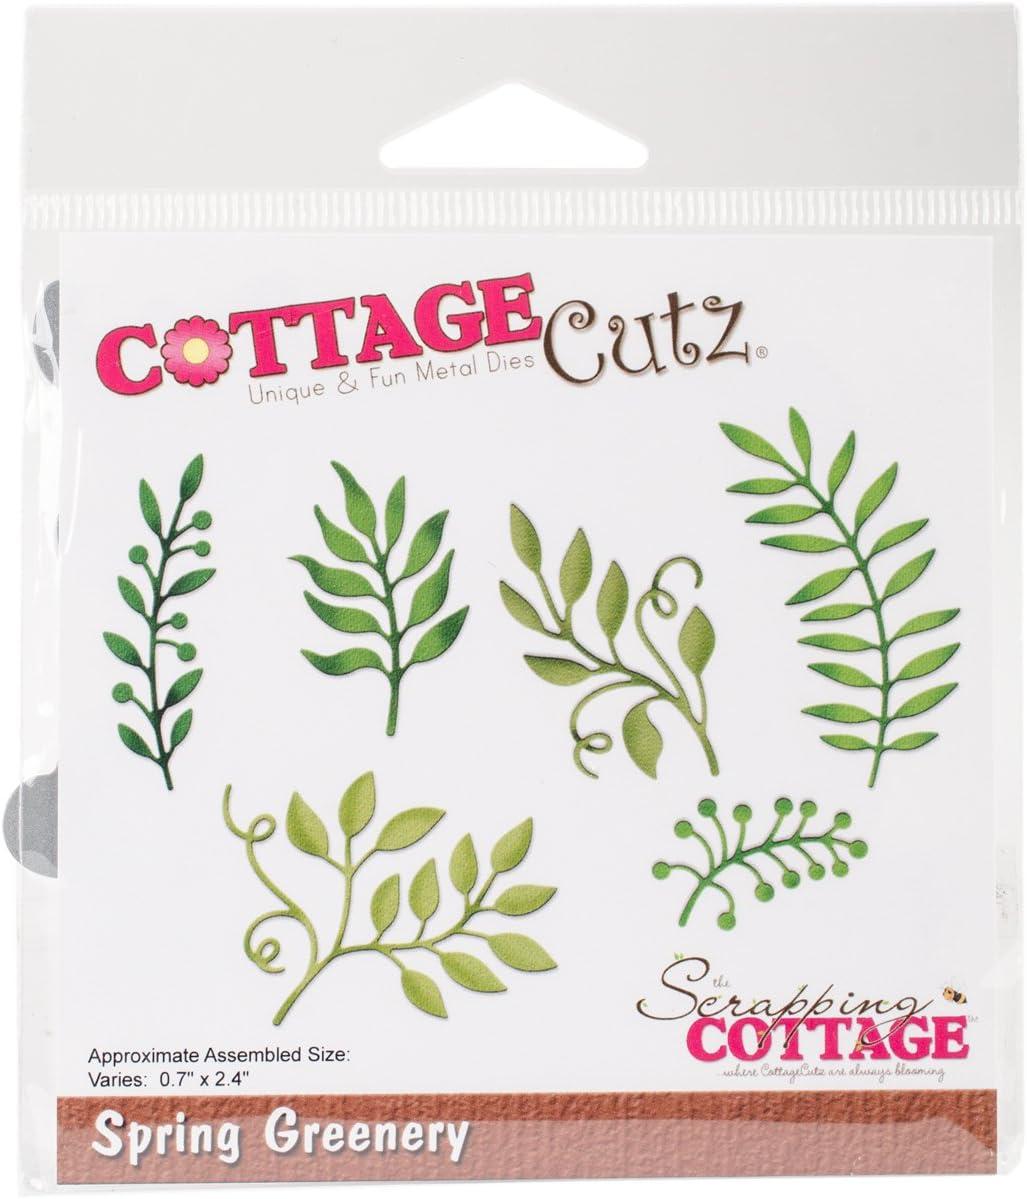 LEAVES SPRING GREENERY Die Craft Steel Dies Cutting Dies Cottage Cutz CC-244 New